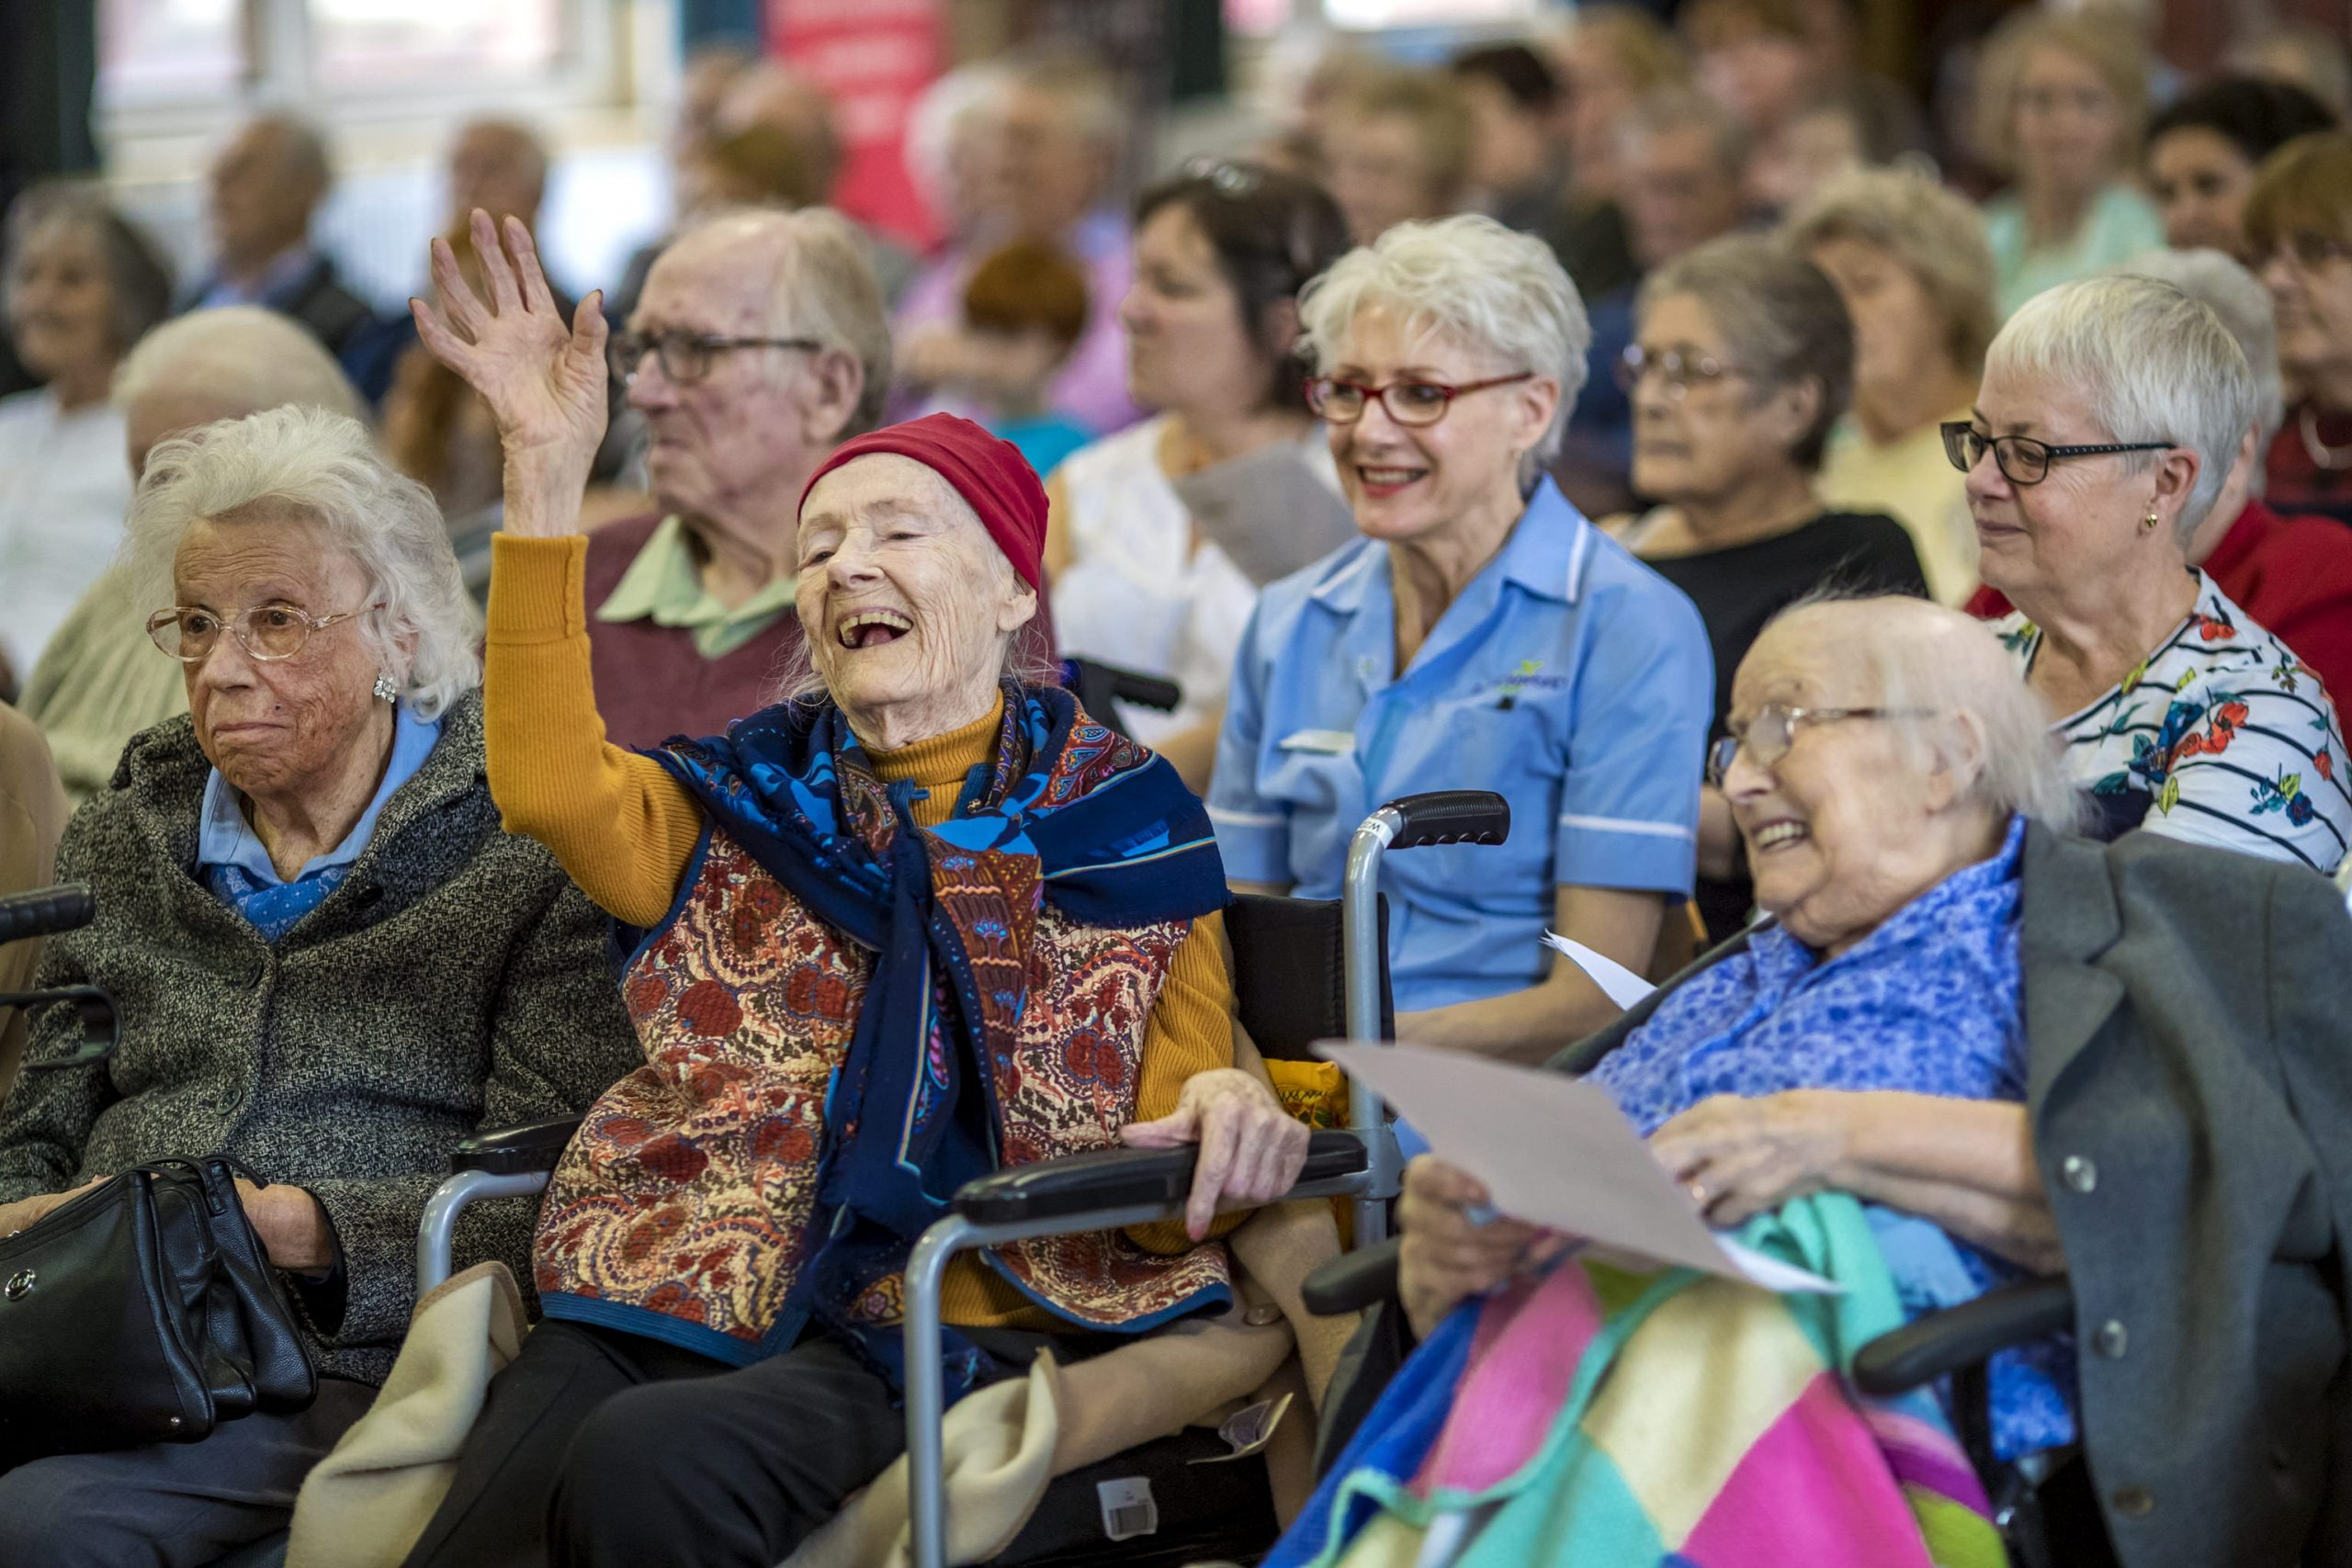 Older female audience member in wheelchair dancing to music